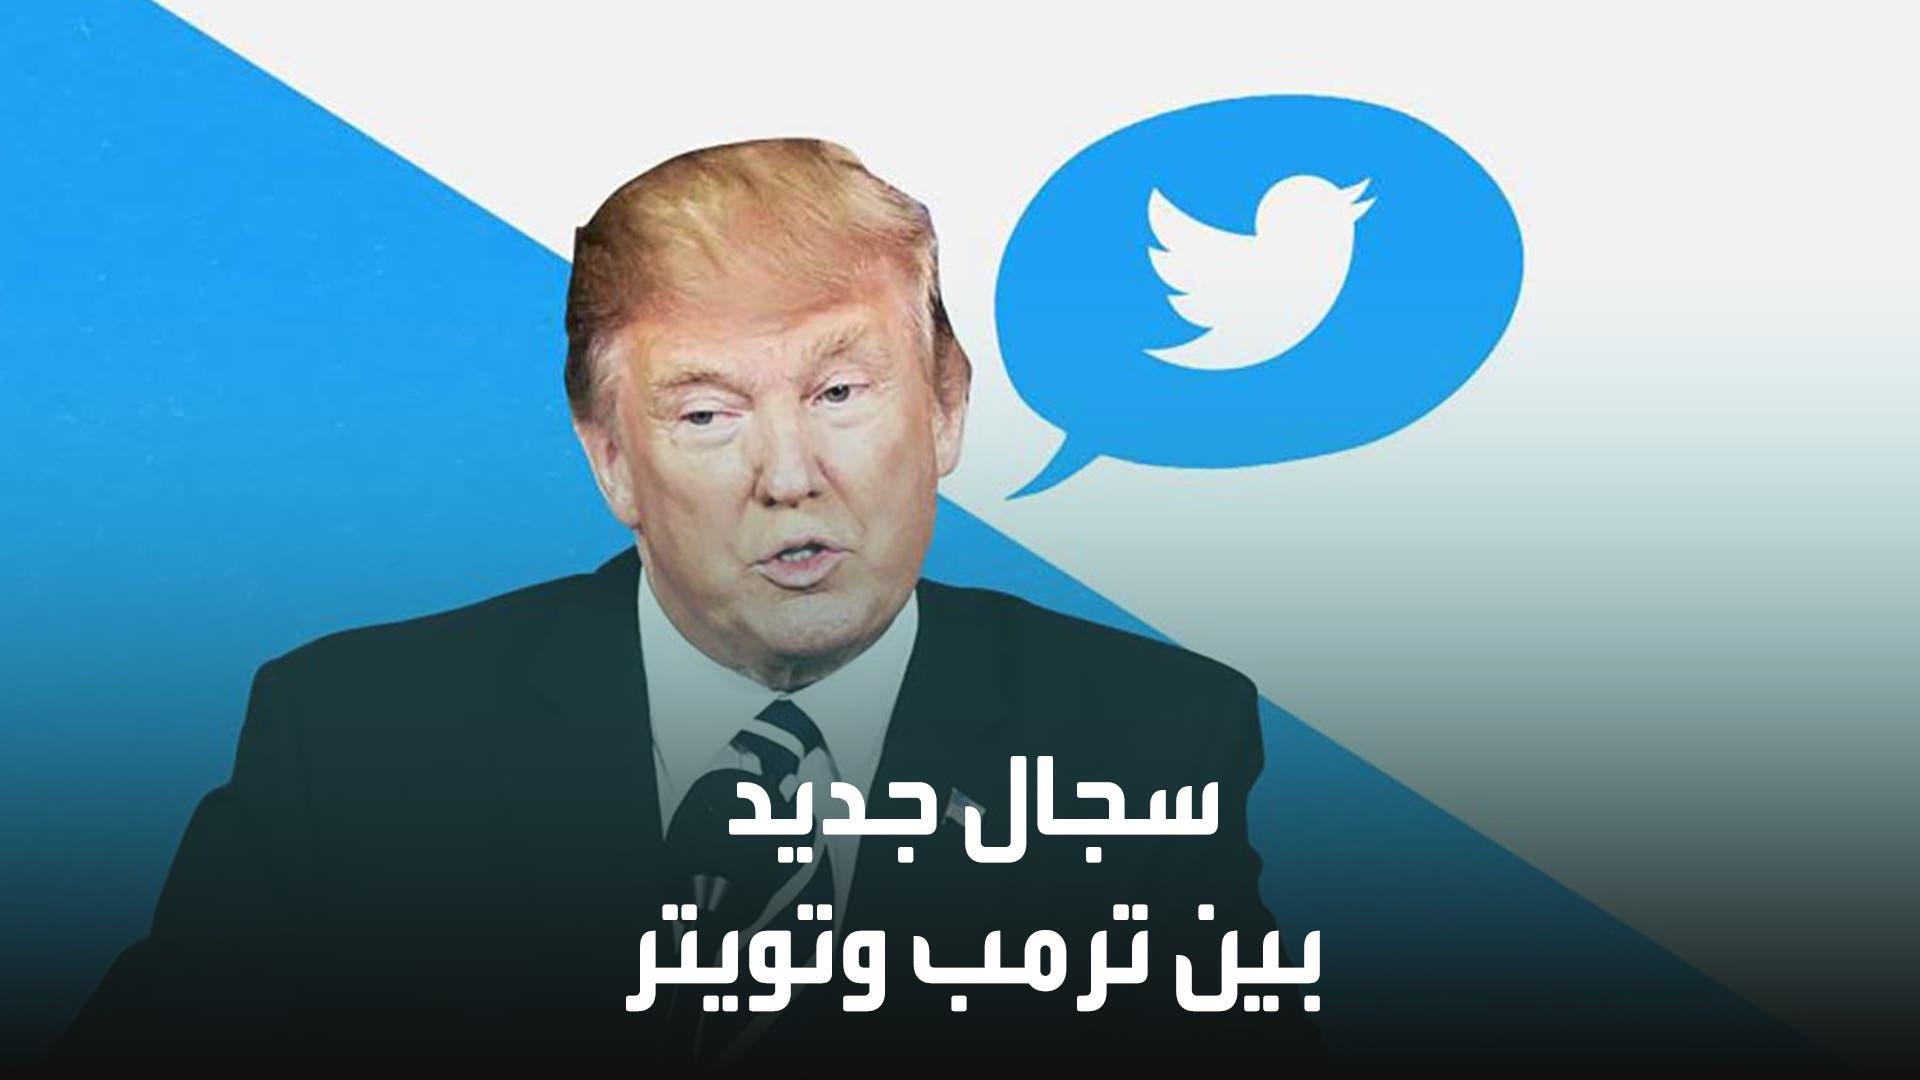 مواجهة جديدة بين تويتر وترمب